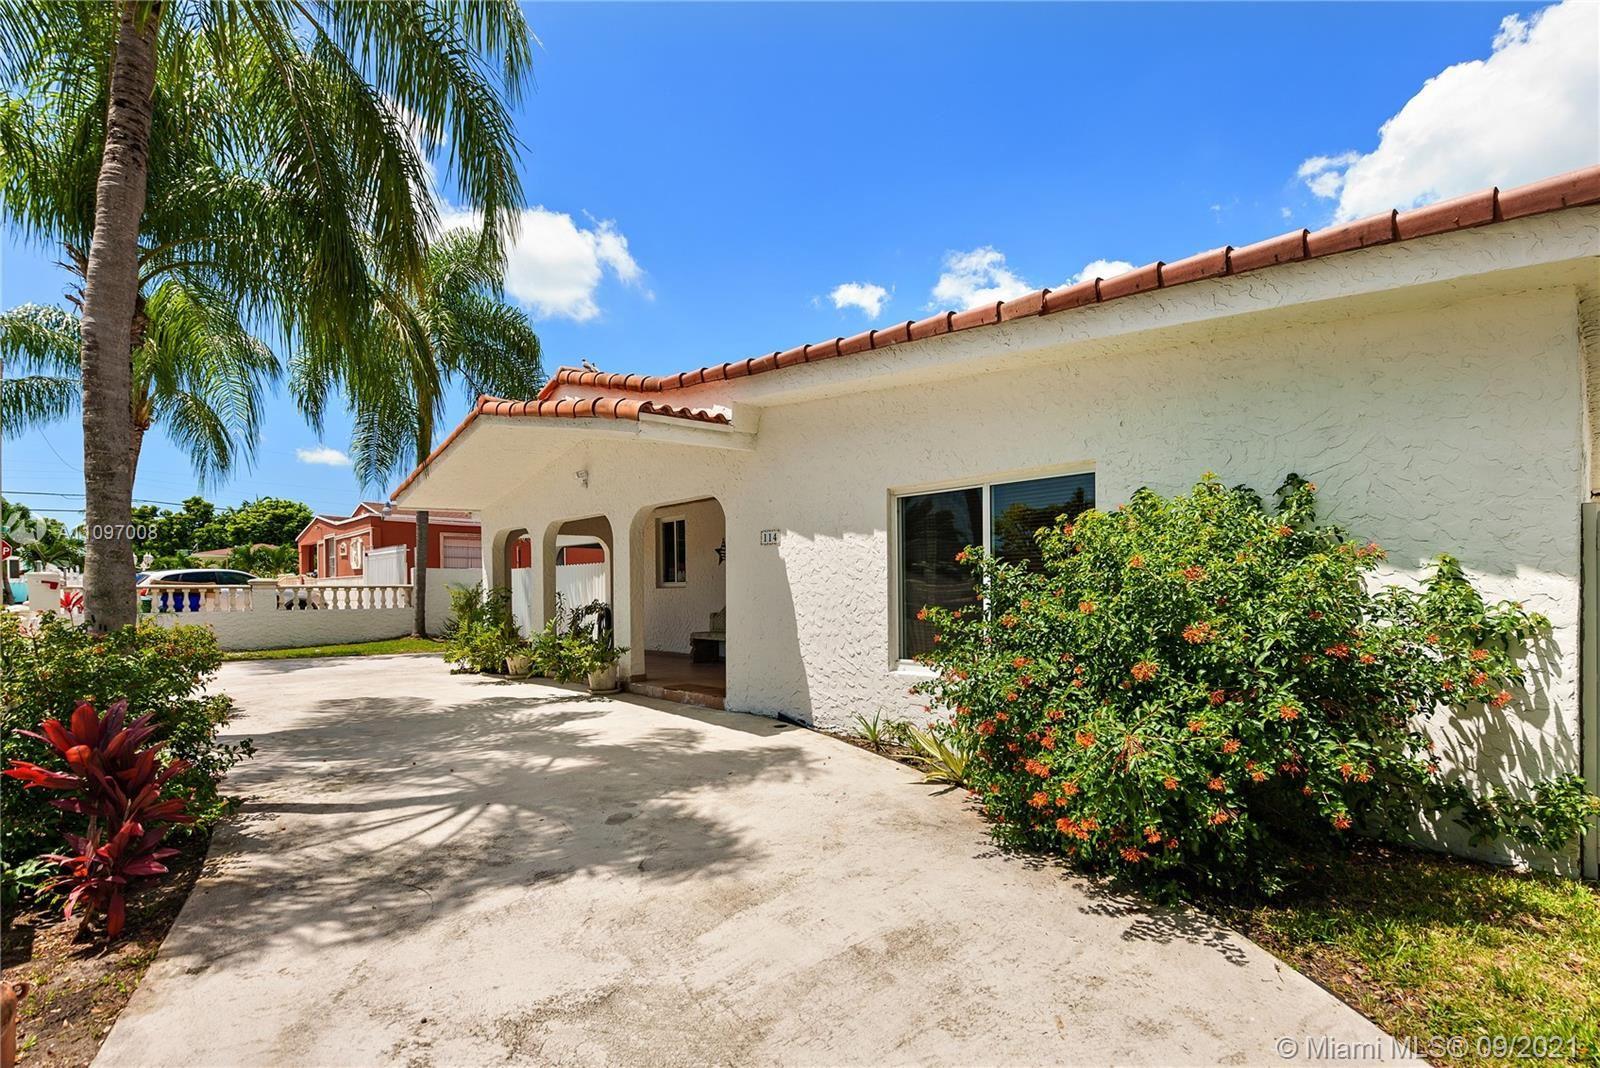 114 SW 57th Ct, Miami, FL 33144 - #: A11097008